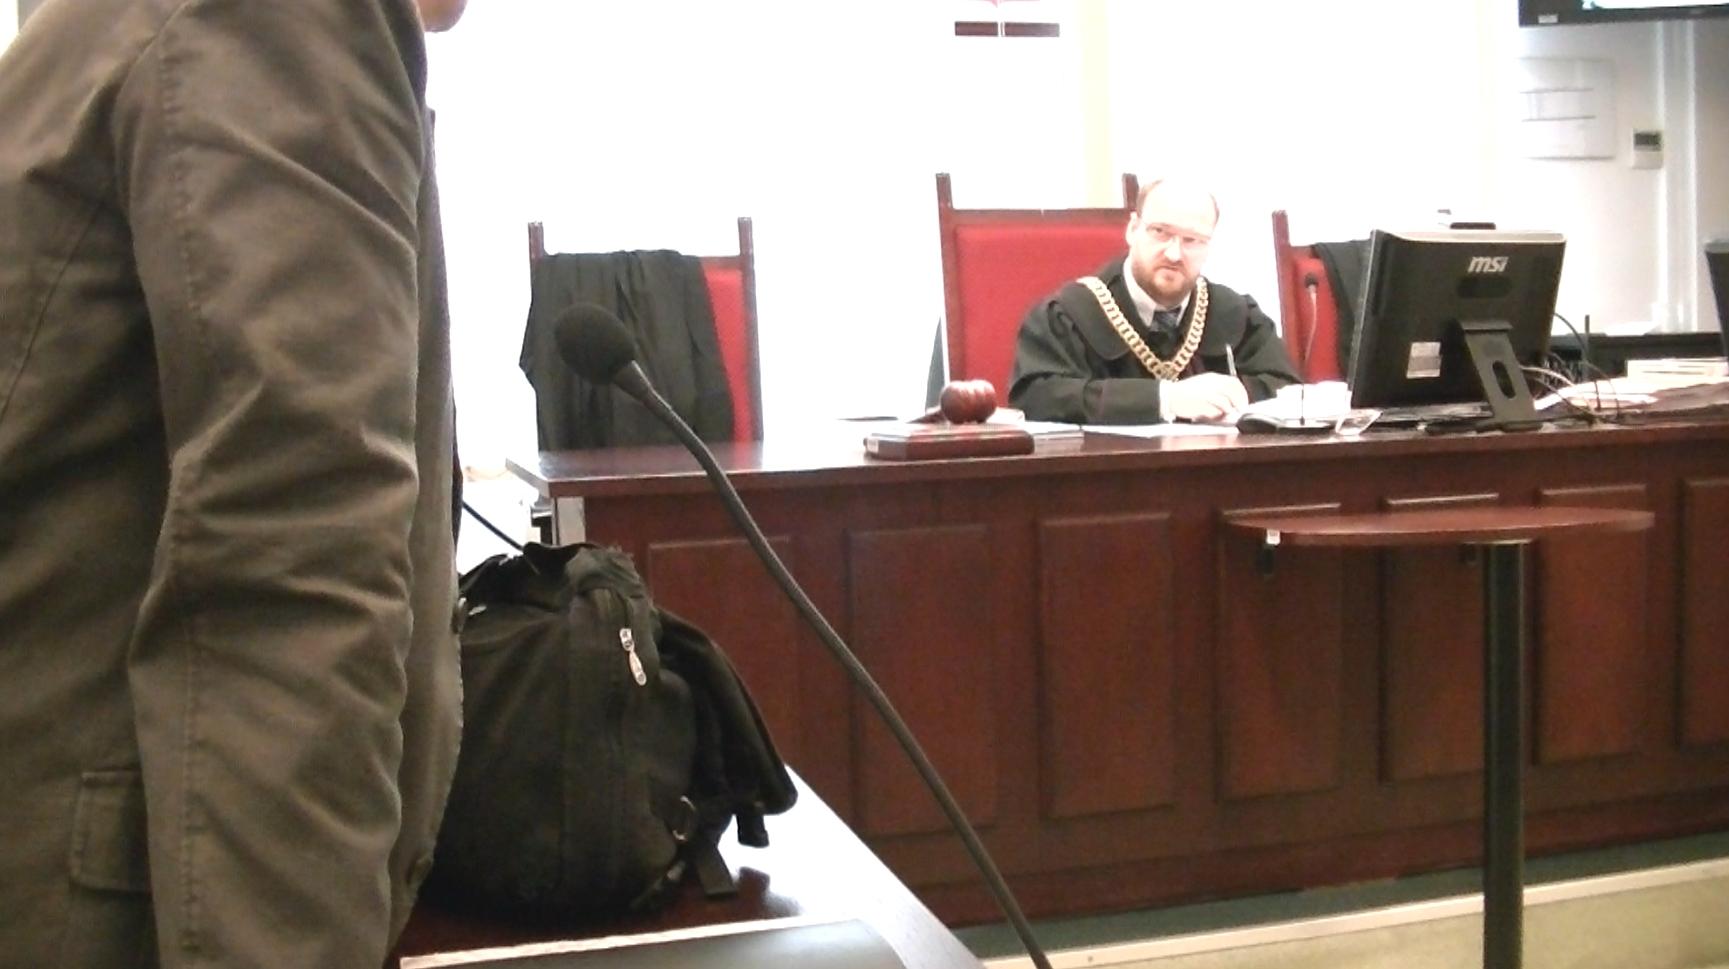 WOLNY CZYN: Gliwice: jawność rozpraw w sądach rasy panów (Herrenvolk)